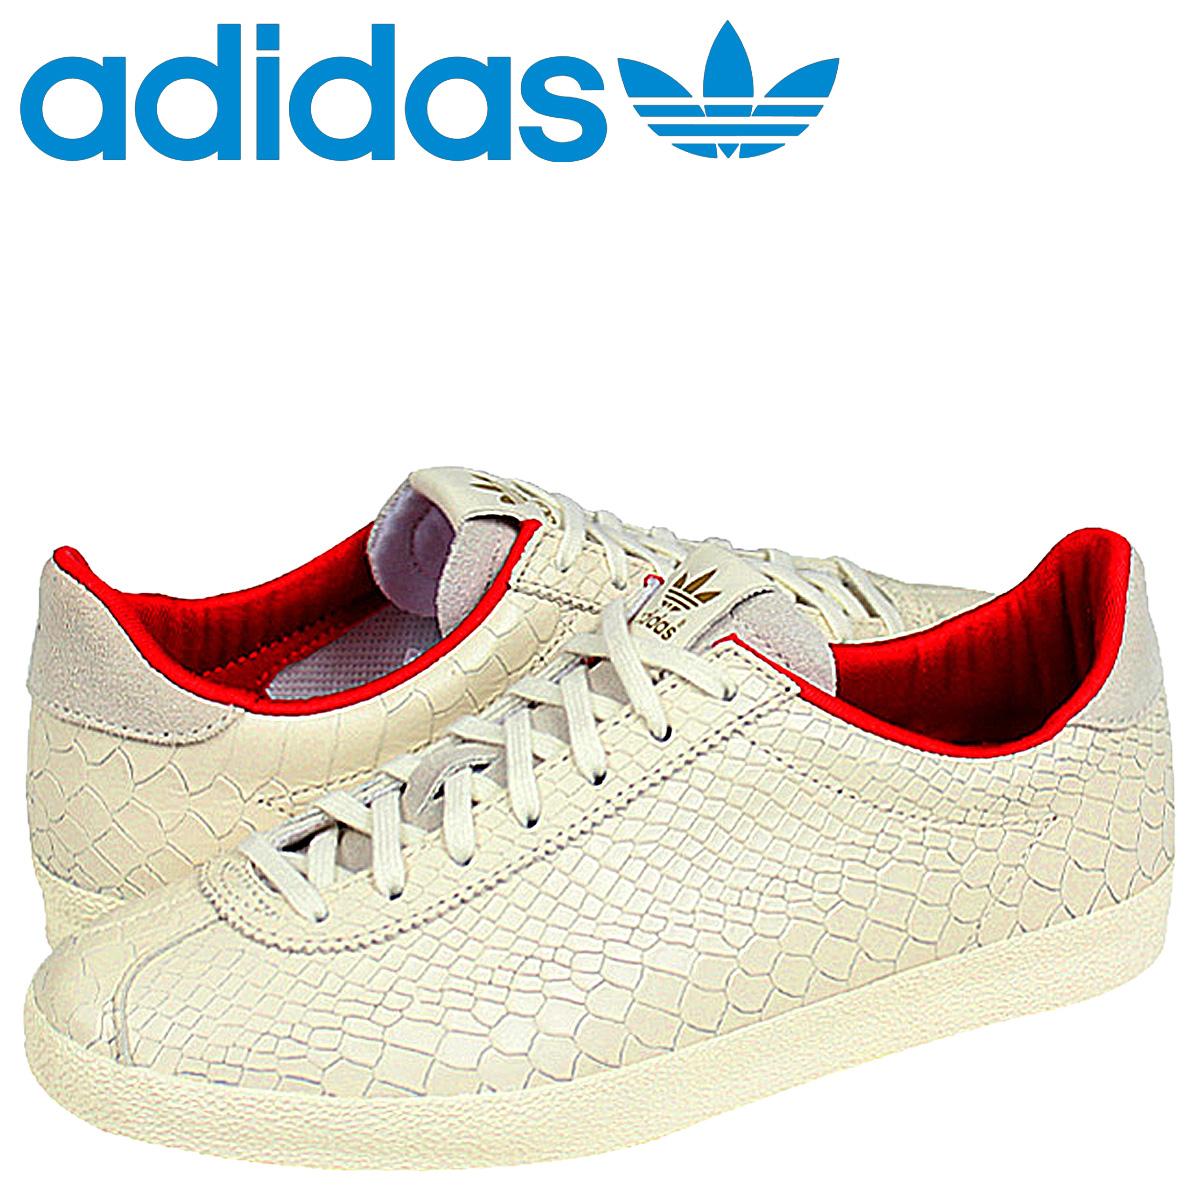 adidas dragon online shop